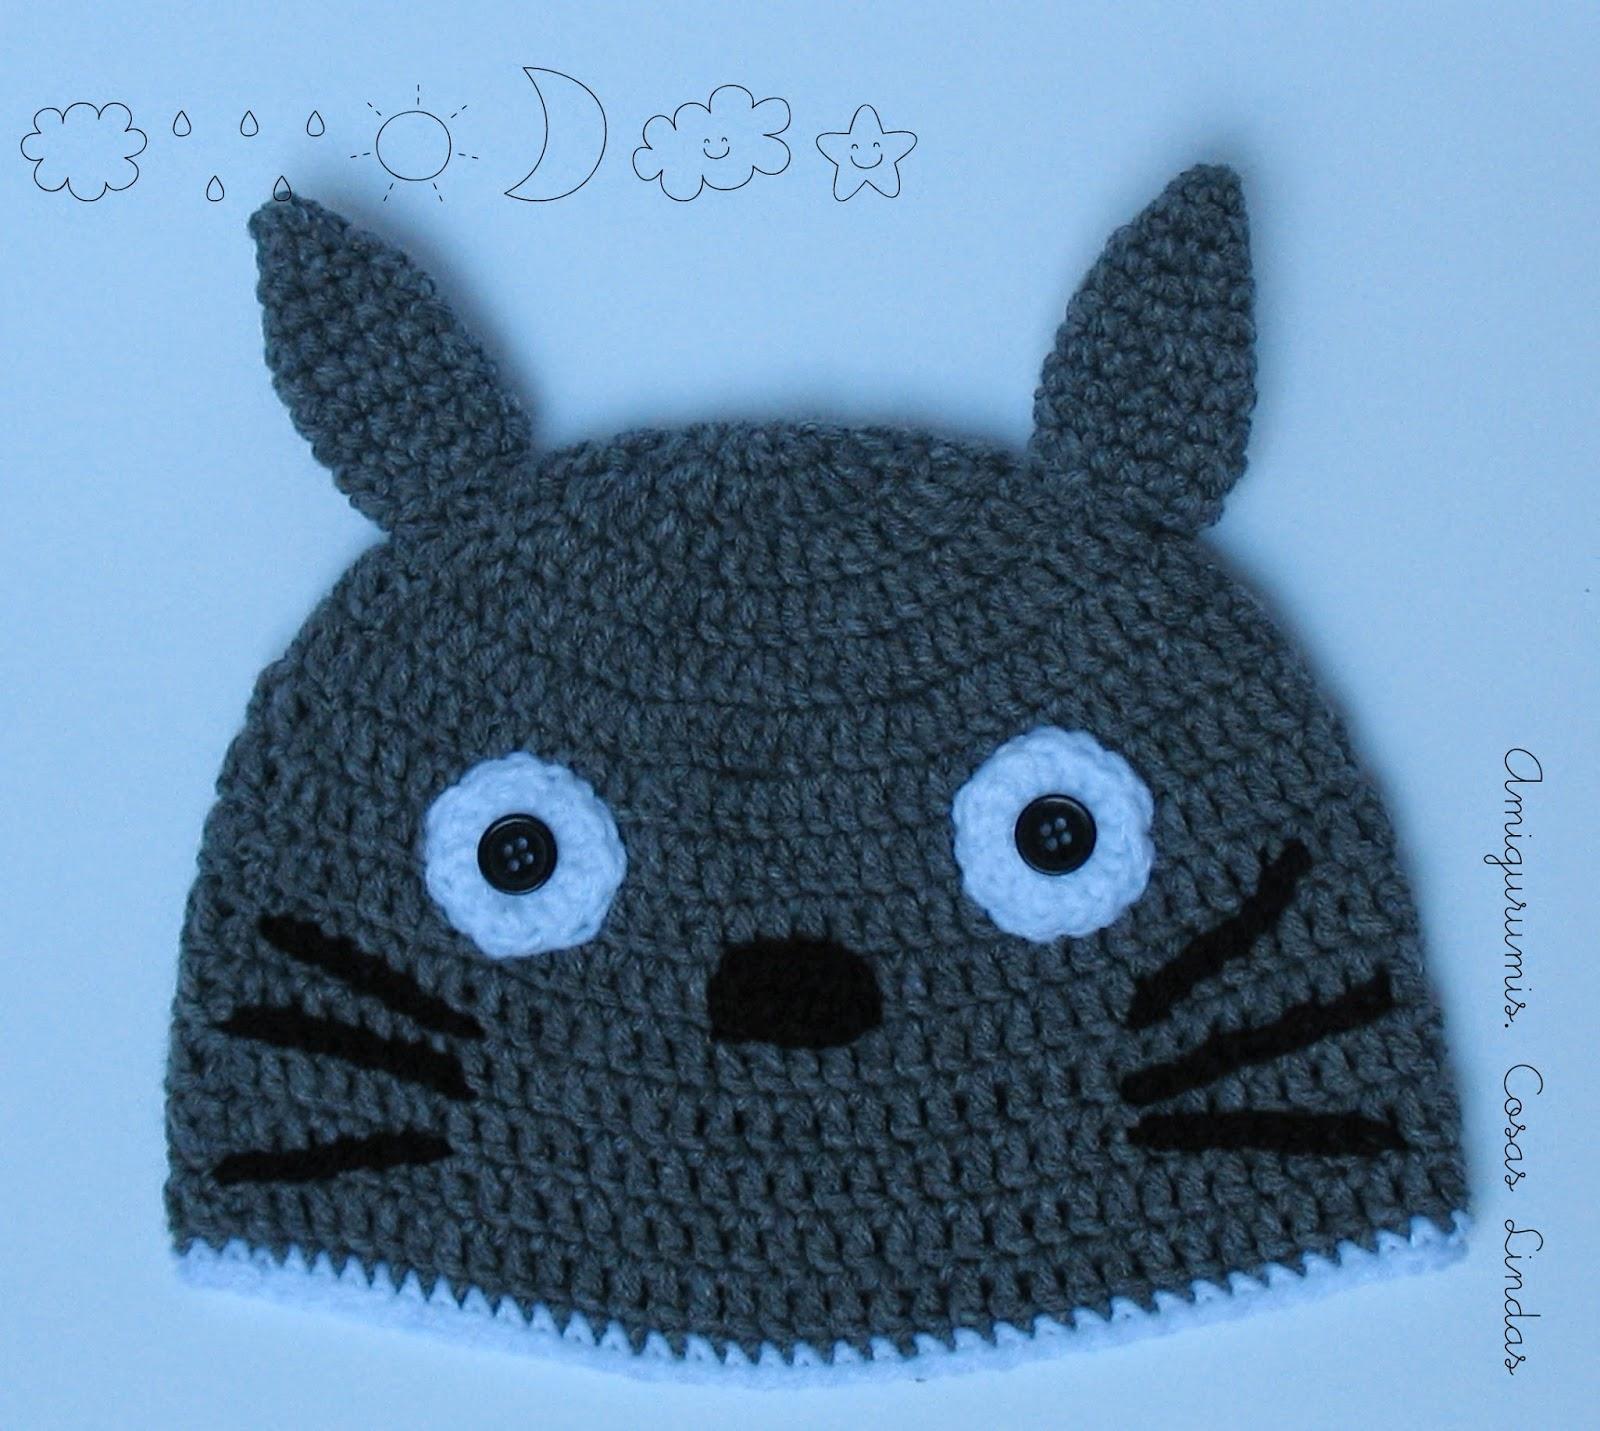 Amigurumis Totoro Patron : Amigurumis cosas lindas gorro a crochet totoro